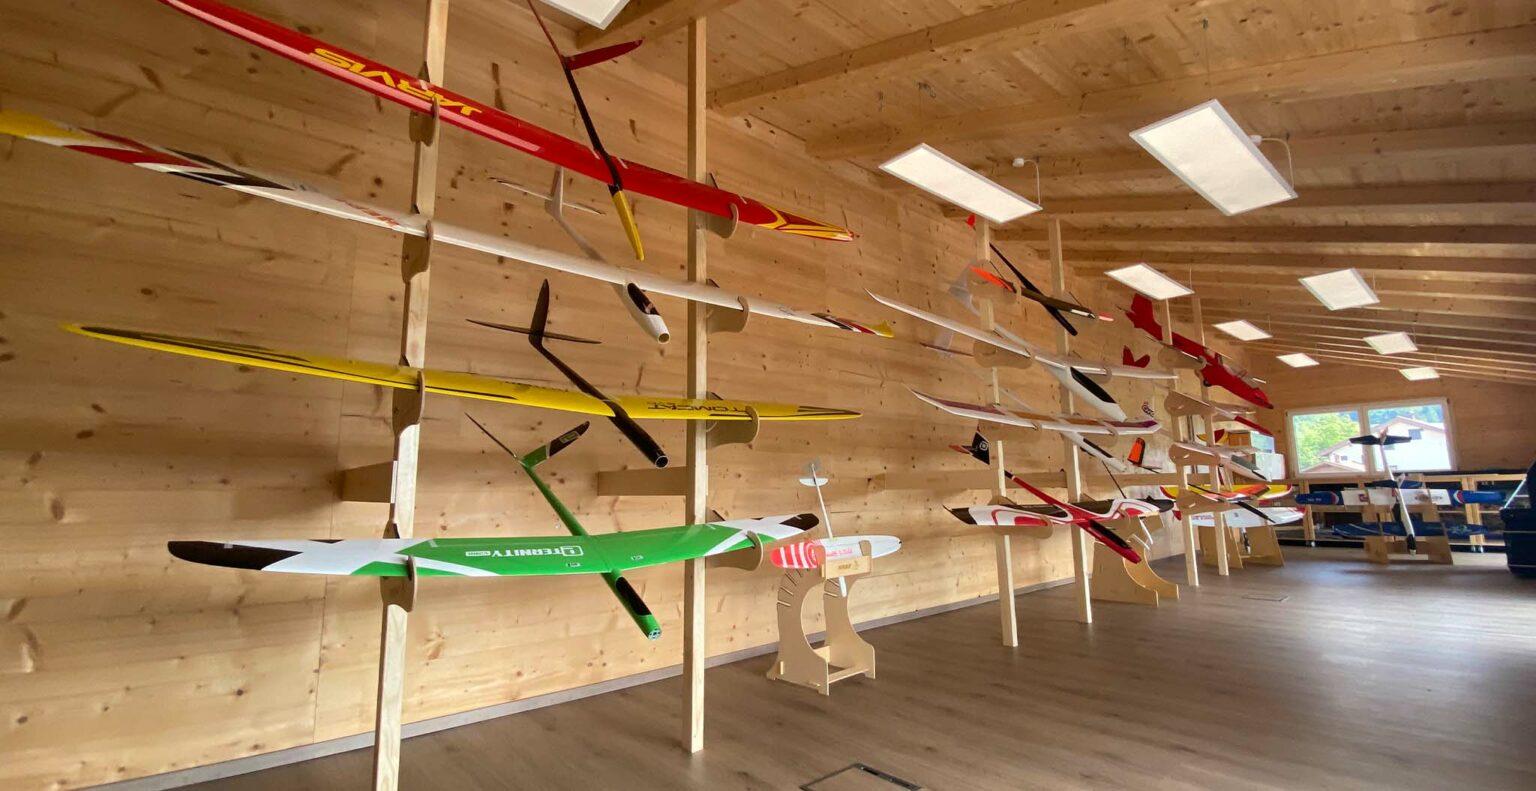 NEWS: tägliche Seglerausstellung - HEPF Modellbau